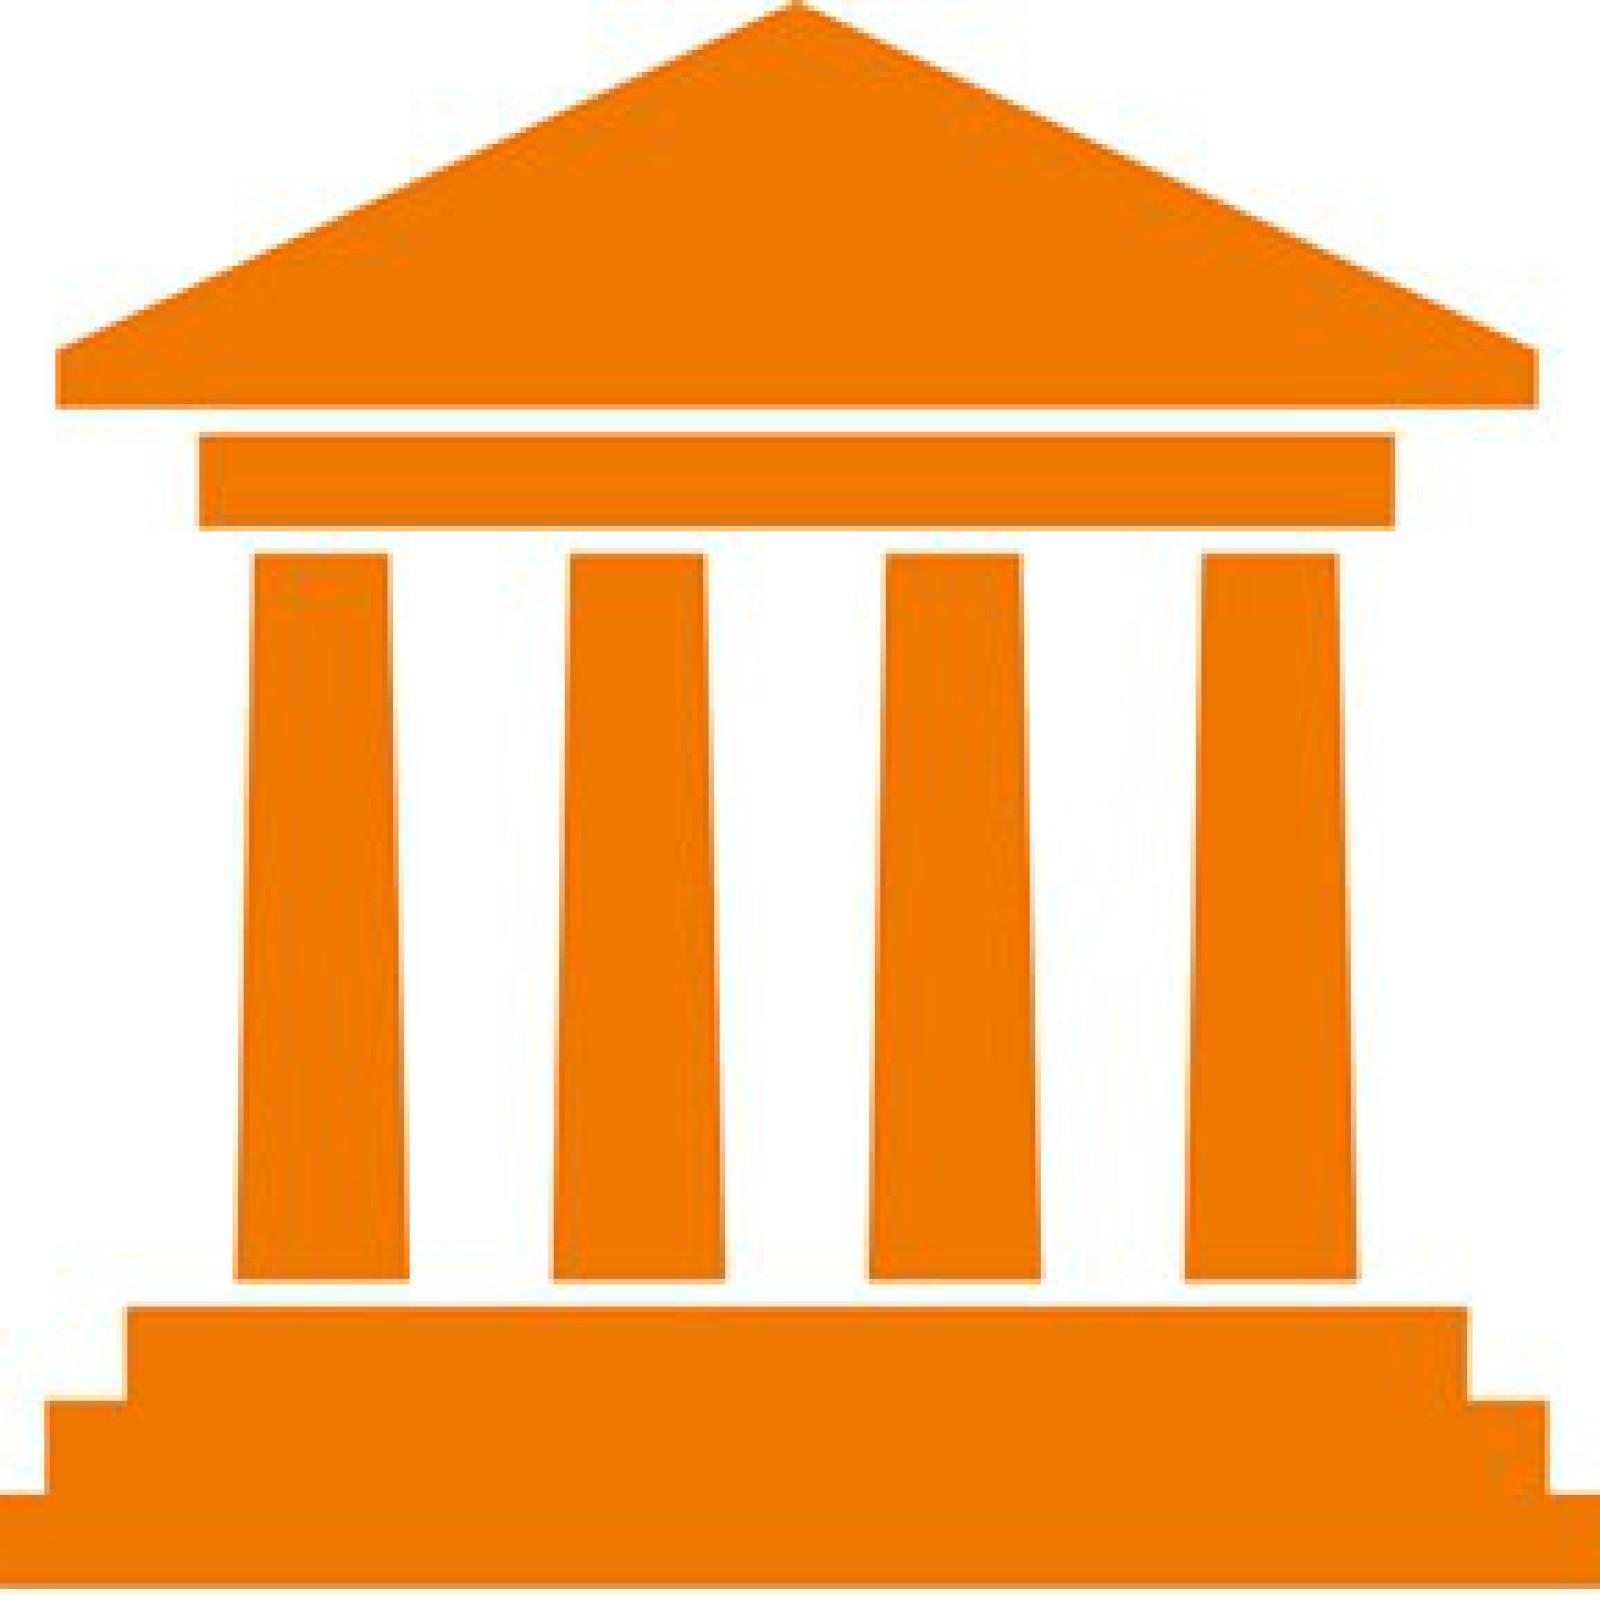 Nel processo penale è necessaria la difesa tecnica anche se la parte è dotata delle necessarie qualità professionali